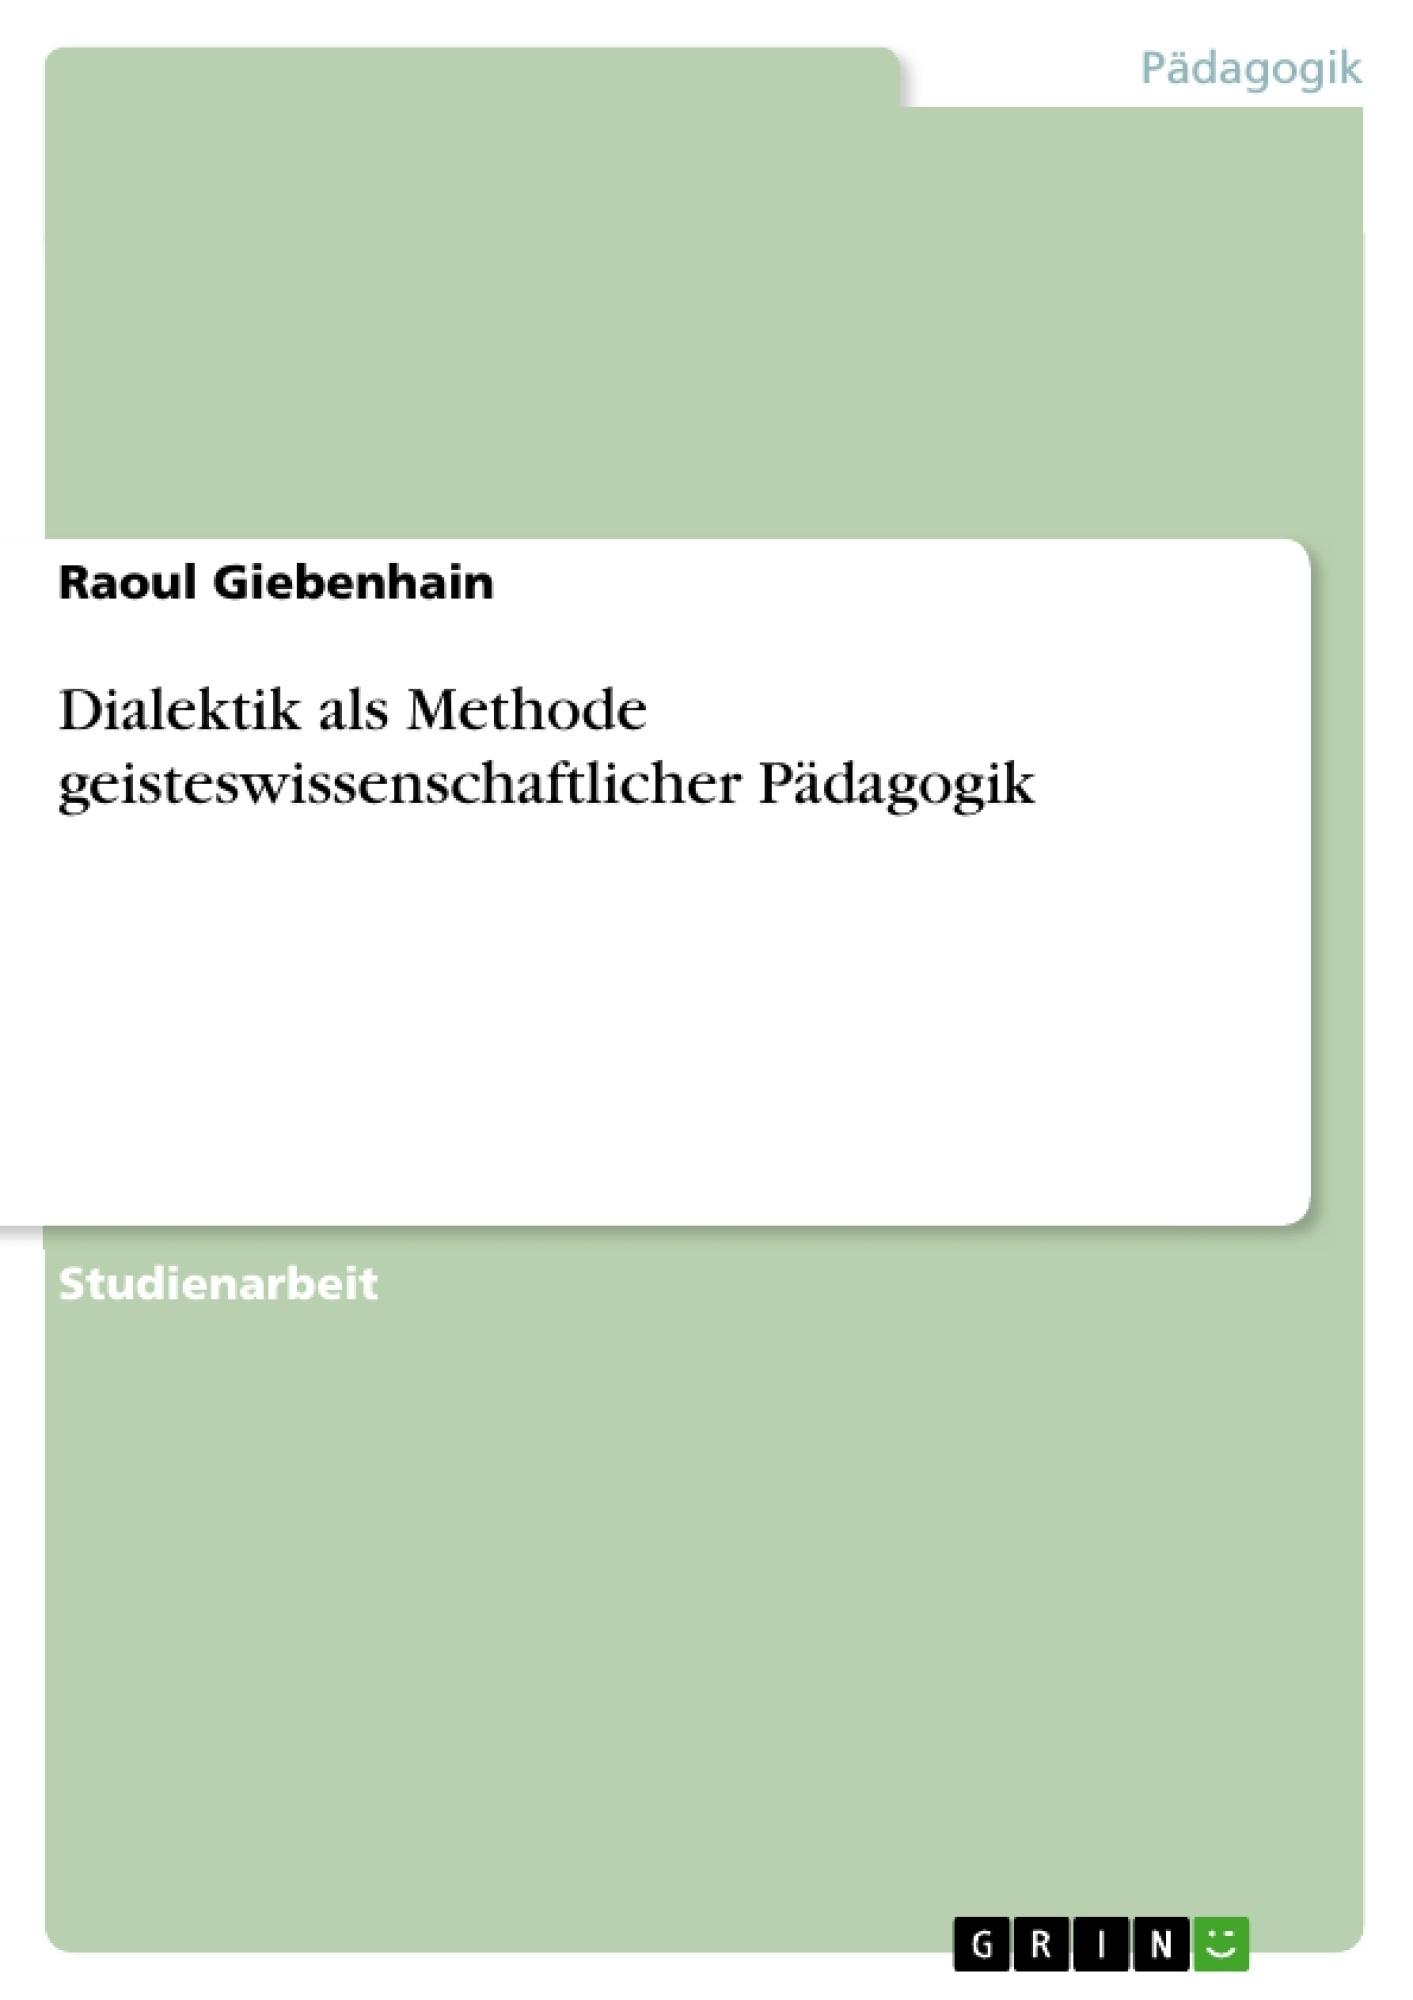 Titel: Dialektik als Methode geisteswissenschaftlicher Pädagogik